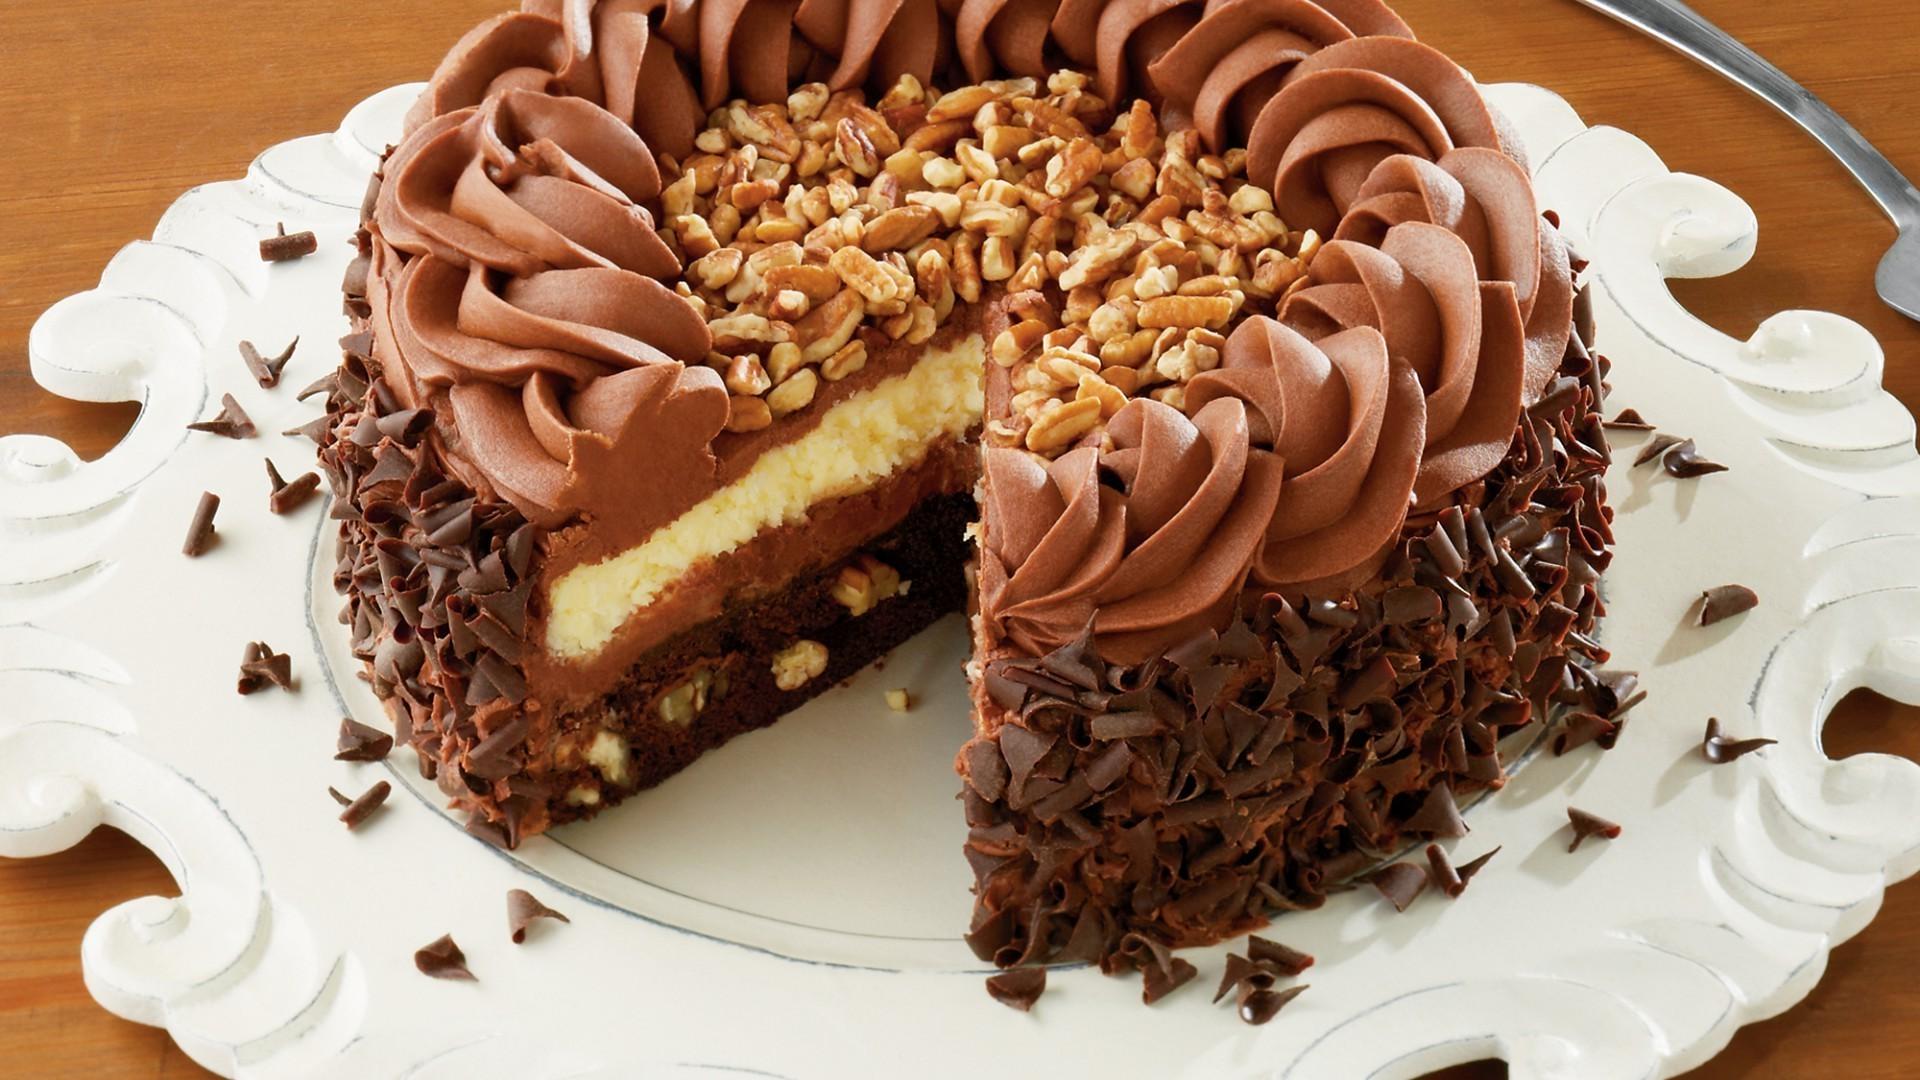 Шоколадно-ореховый торт рецепт с фото